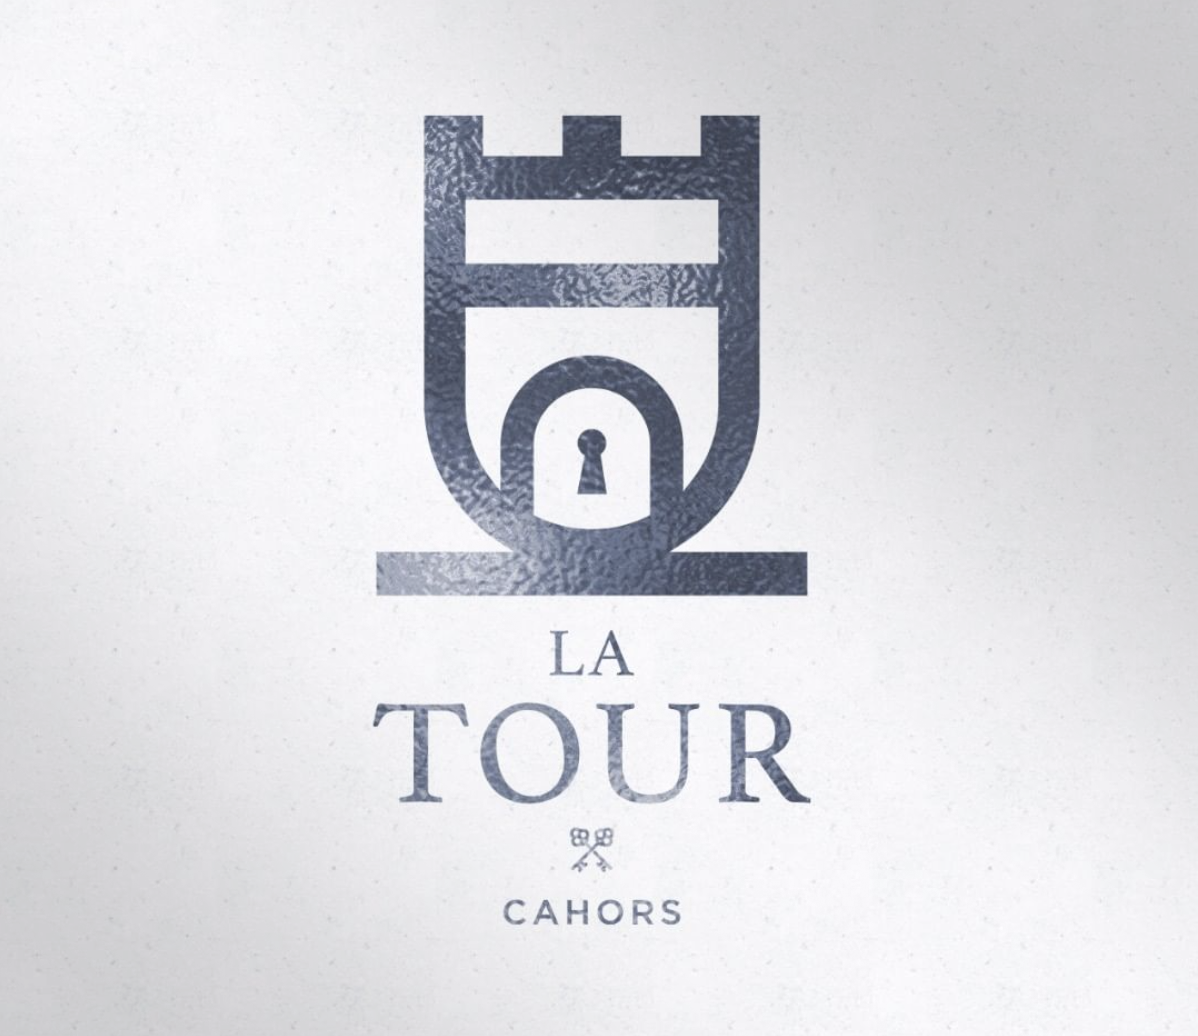 LA TOUR – CAHORS